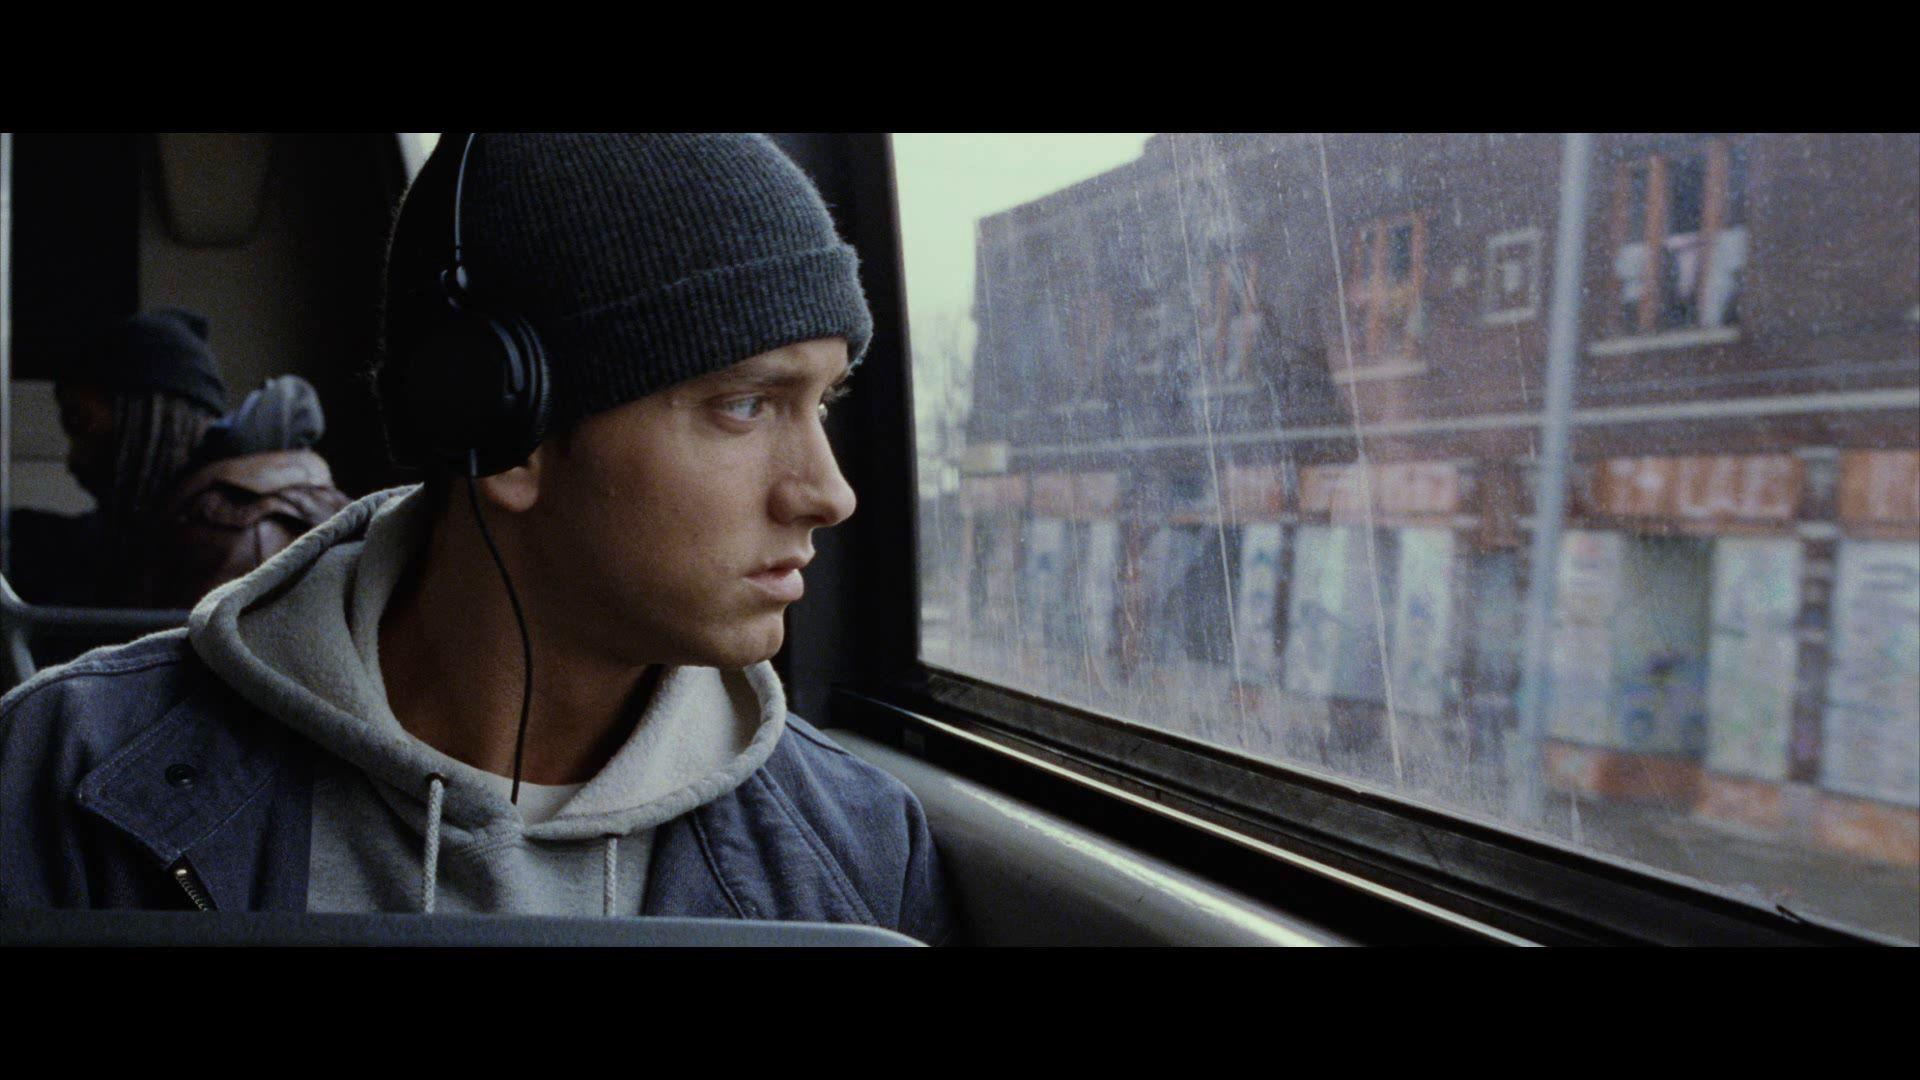 Eminem 8 Mile Wallpapers Top Free Eminem 8 Mile